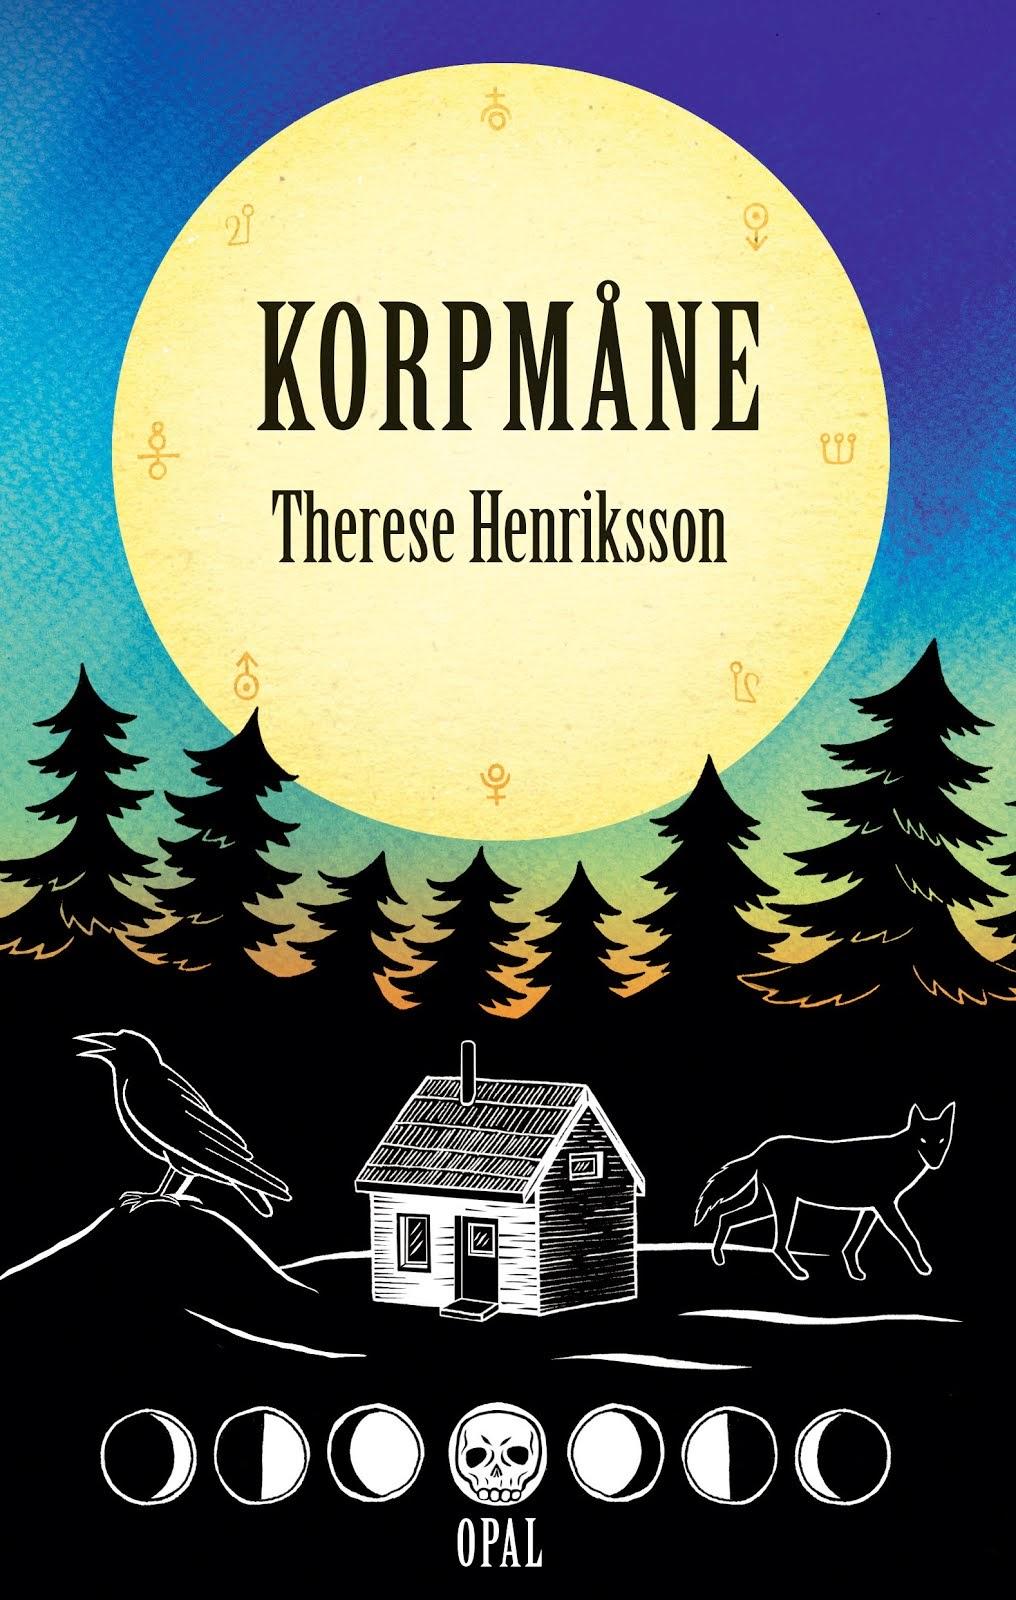 Korpmåne, magisk realism i Norrbottensmiljö.